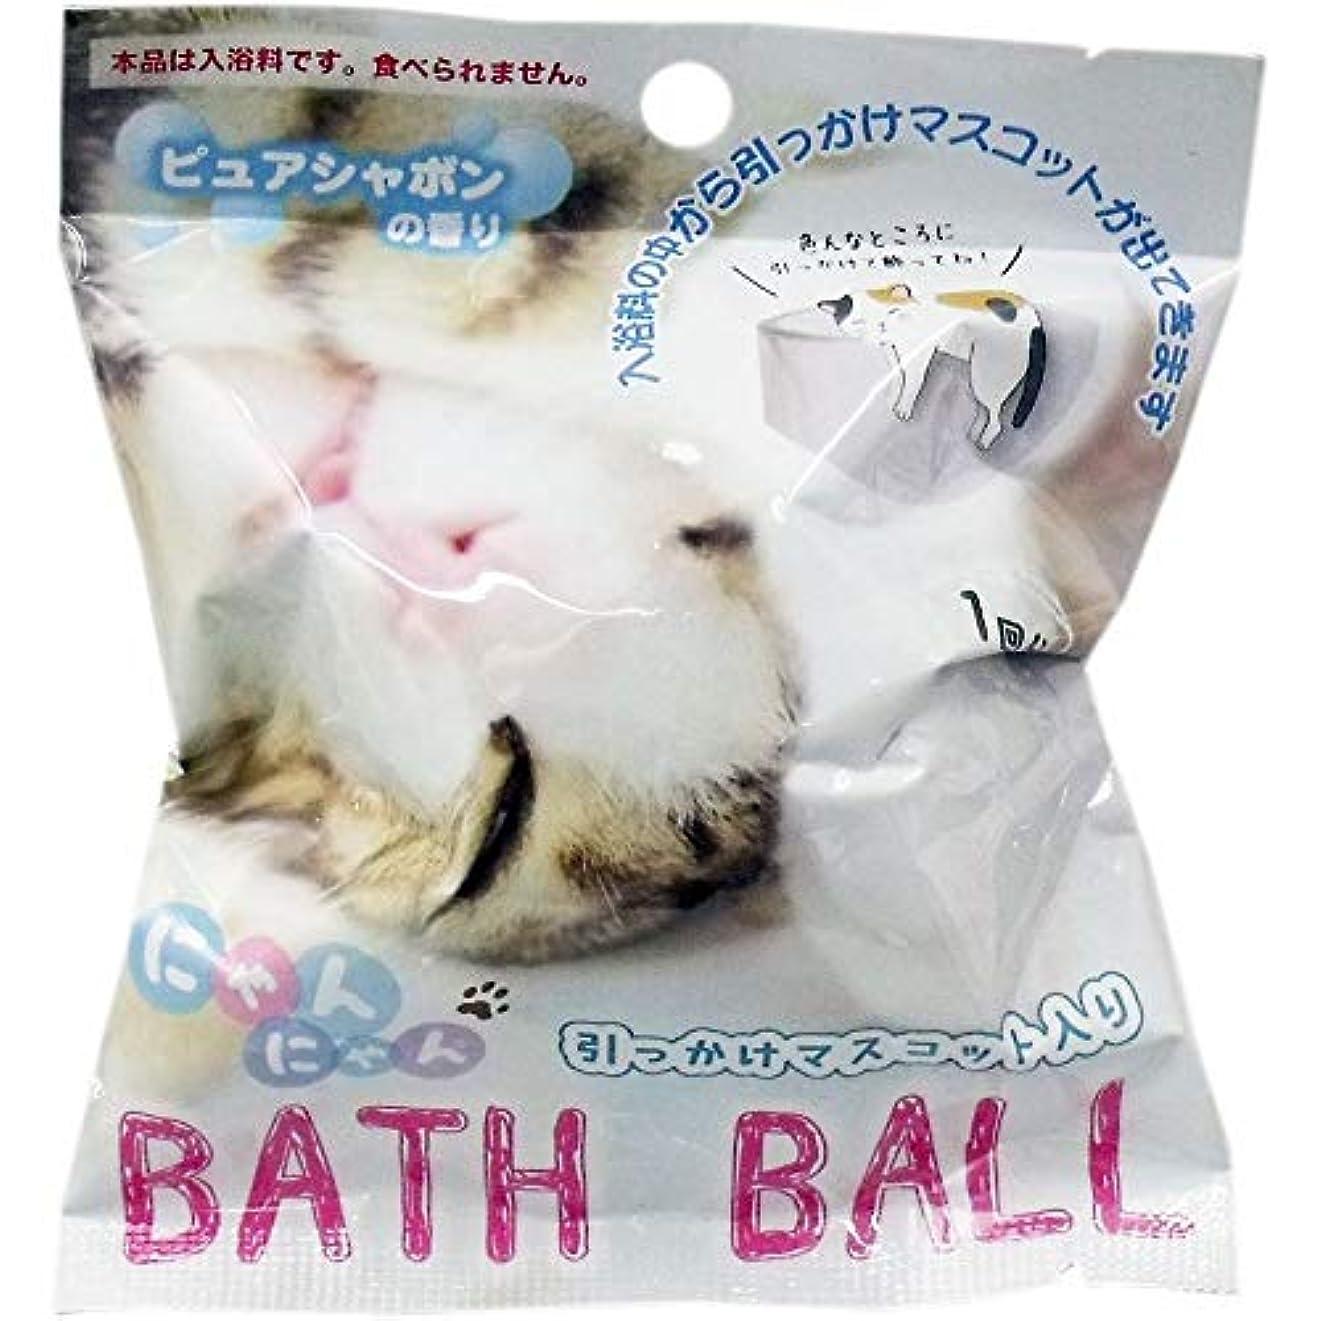 グローブ電信小包【2個セット】 バスボール 入浴剤 中身はおまかせ 動物 にゃんにゃん ネコ 全5種 ピュアシャボンの香り